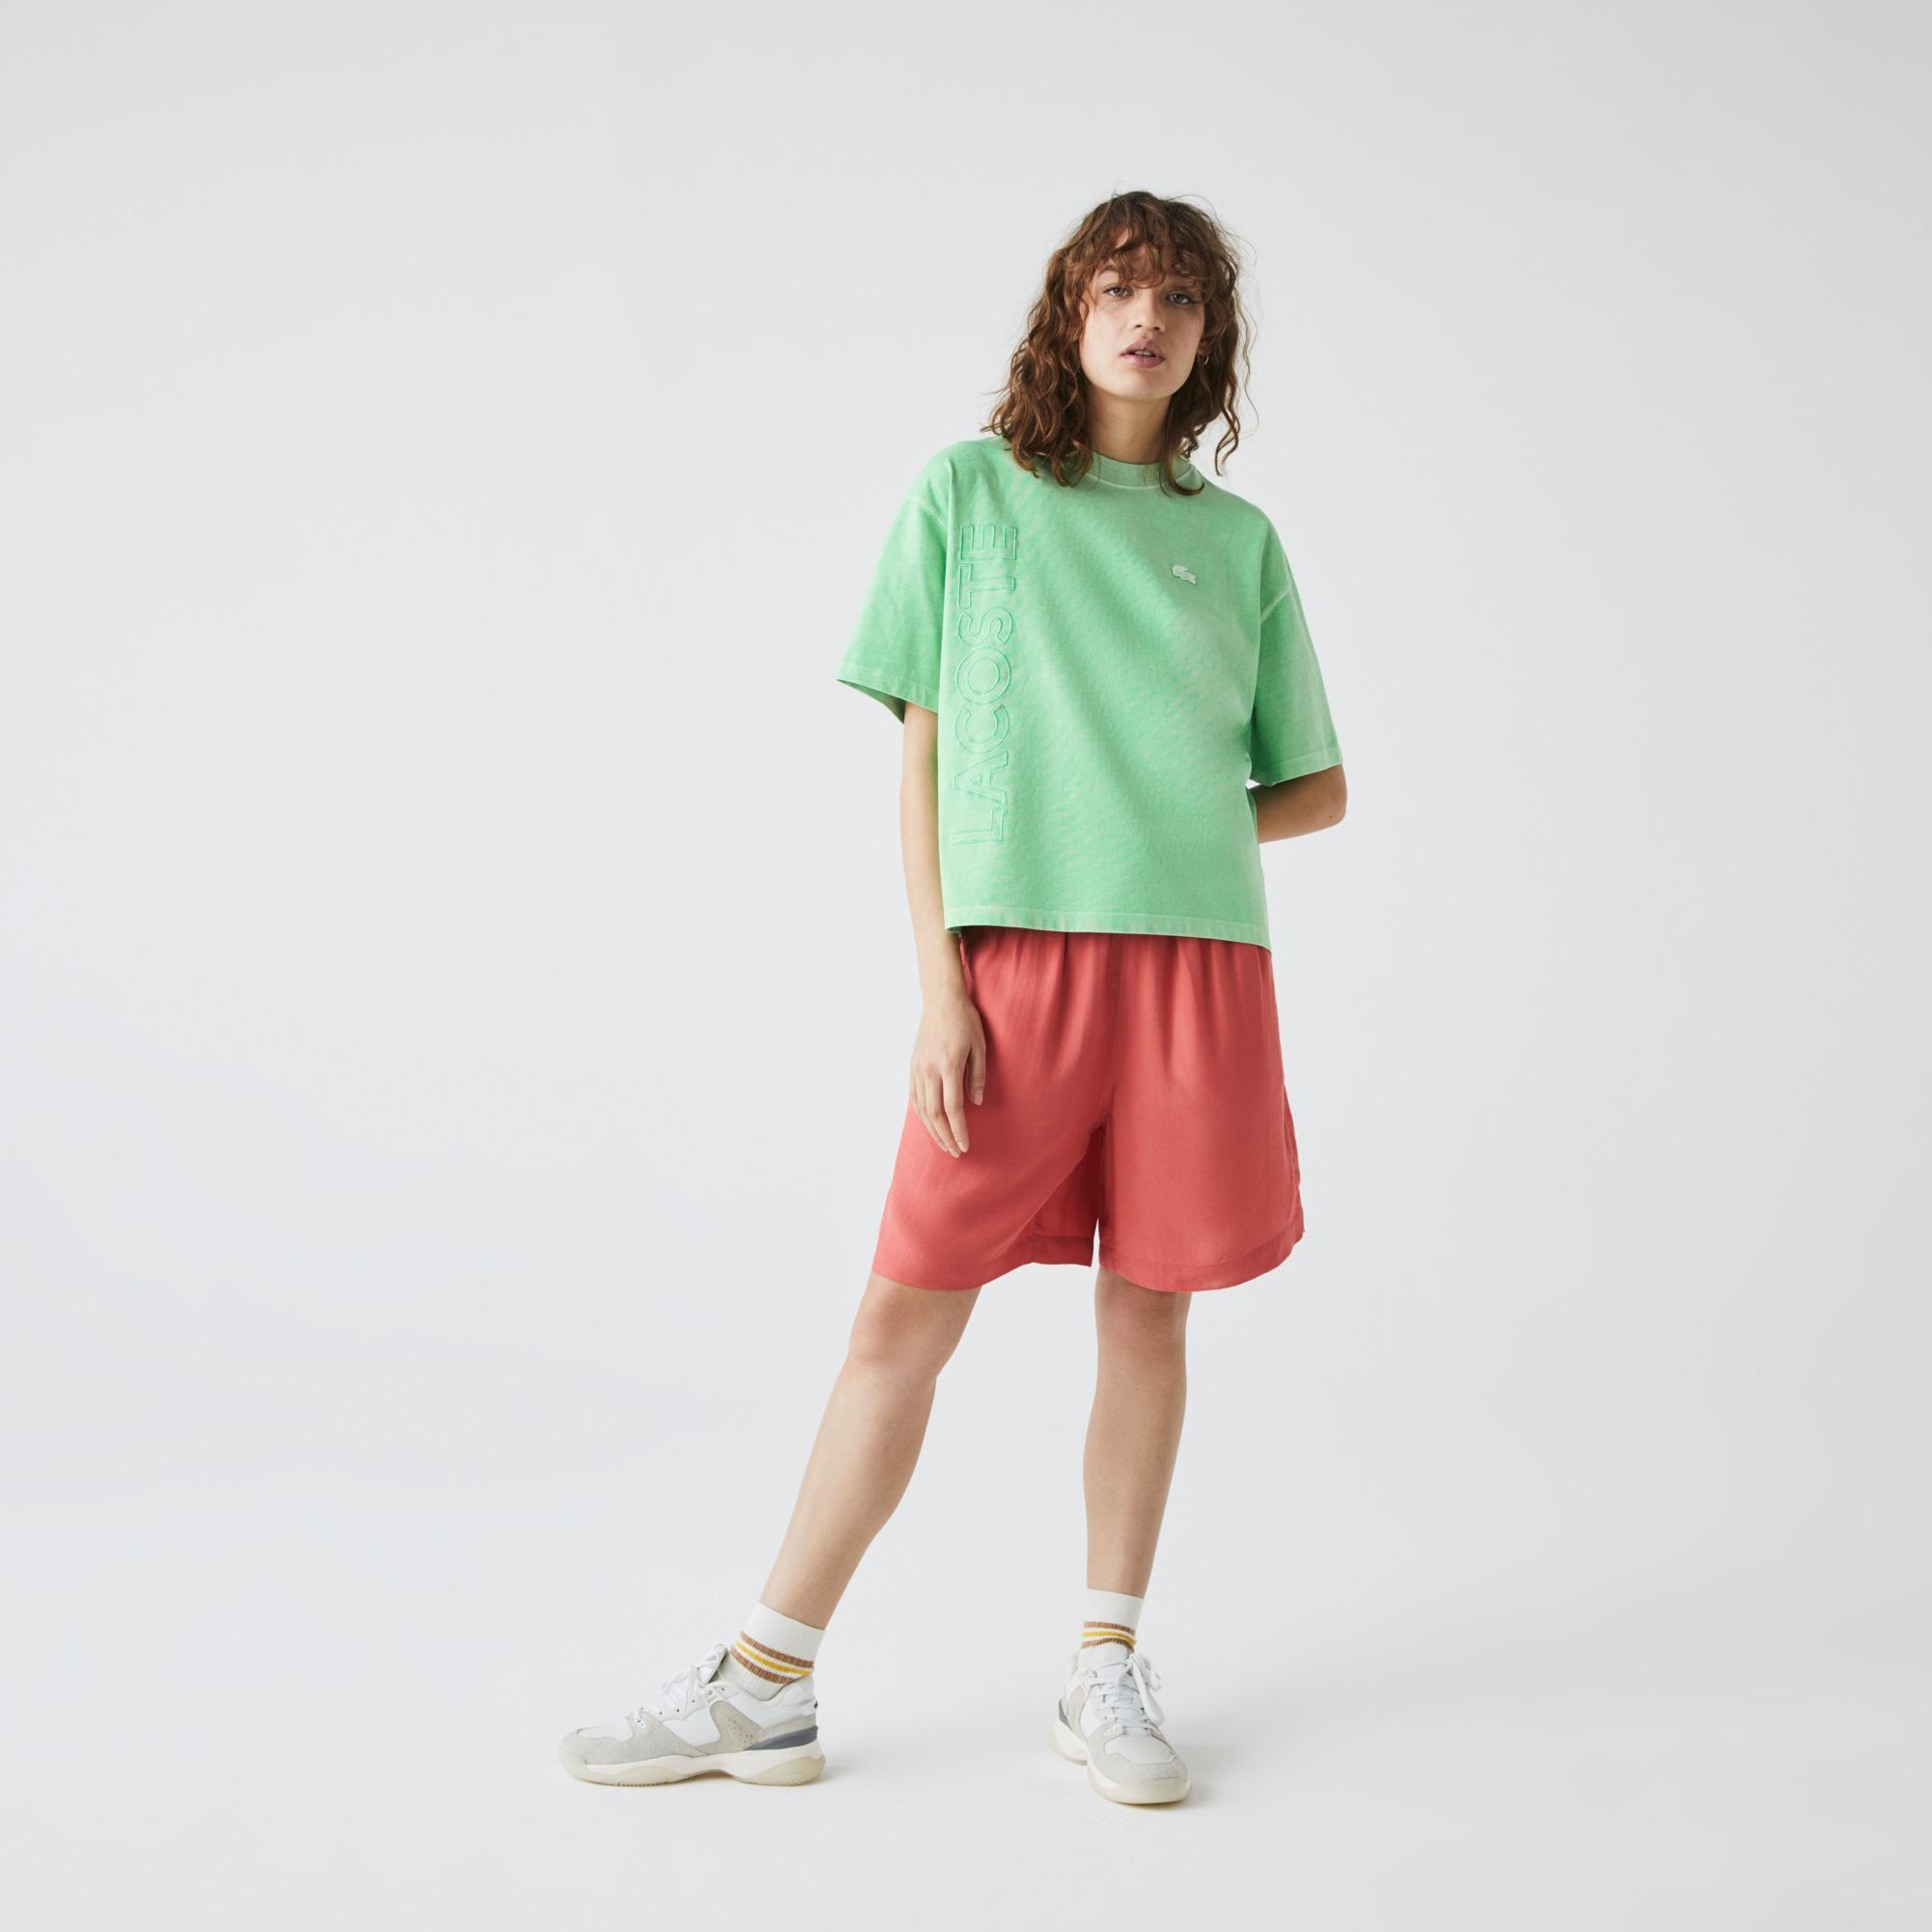 Lacoste L!ve Kadın Boxy Fit Bisiklet Yaka Baskılı Yeşil T-Shirt